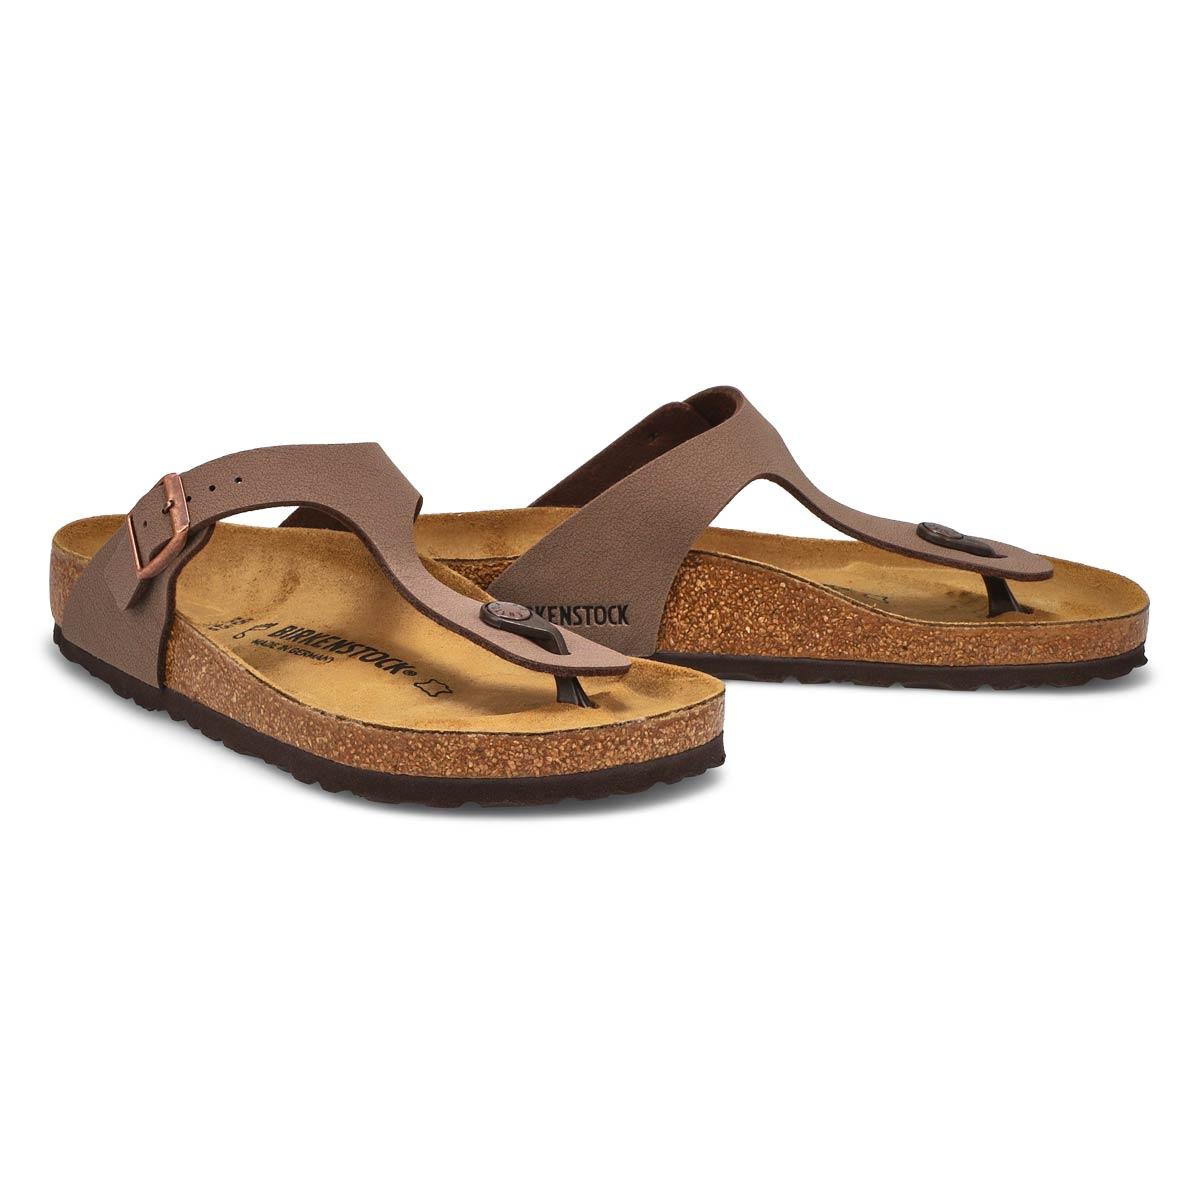 Women's Gizeh BF Thong Sandal - Mocha